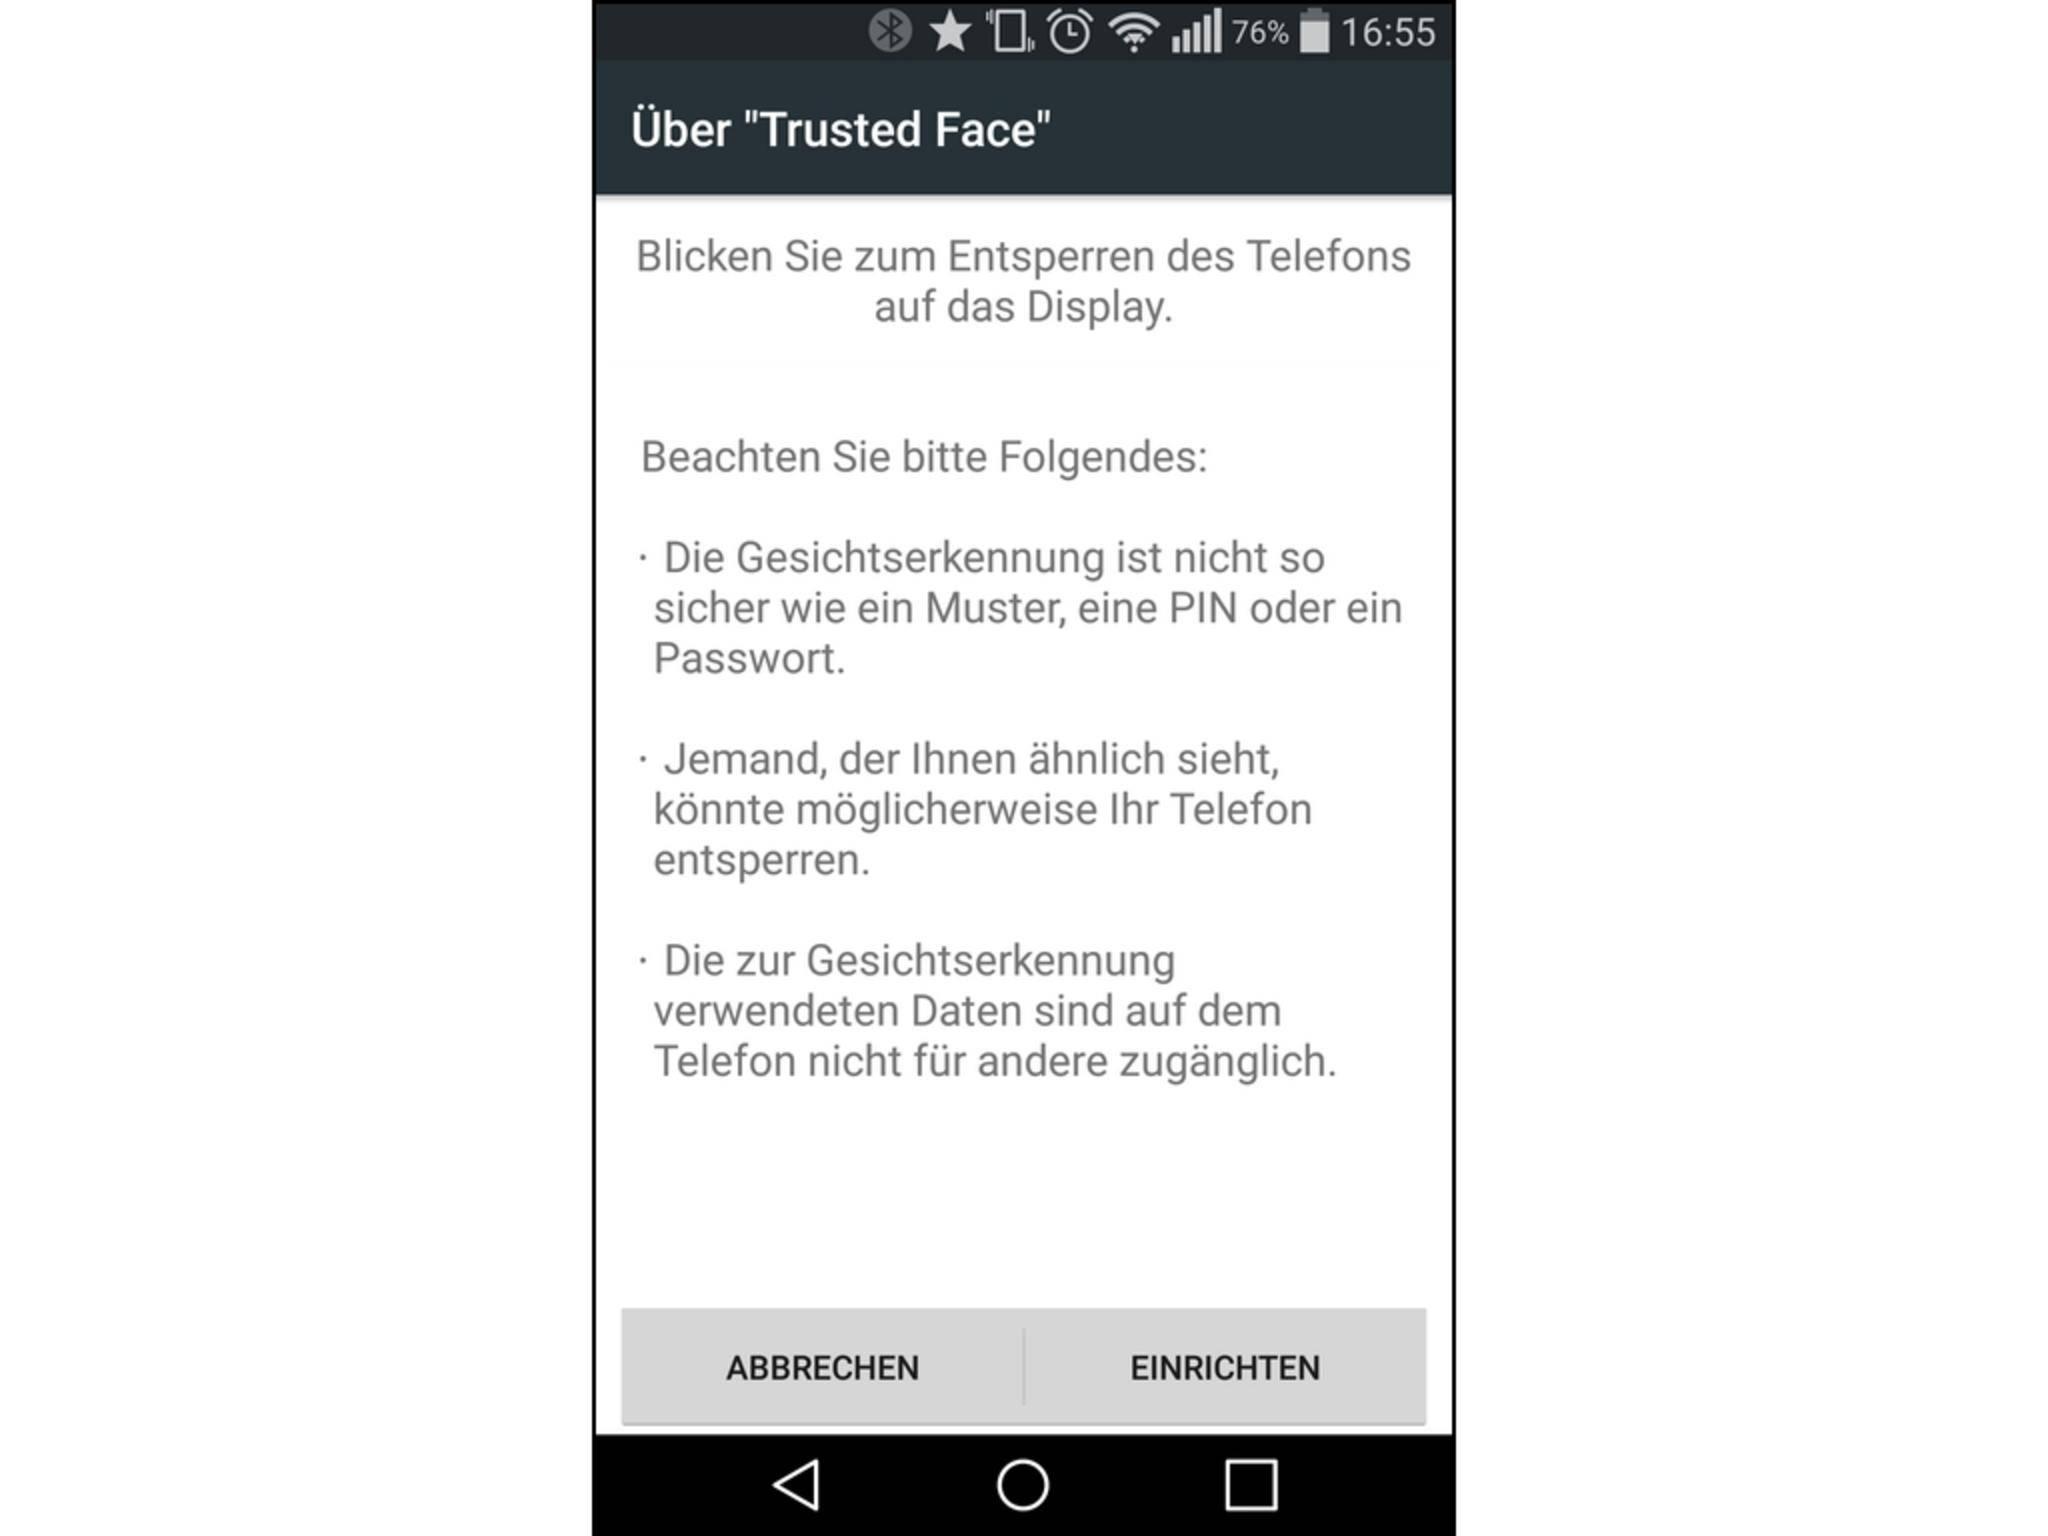 Android warnt, dass die Gesichtserkennung nicht die sicherste Art ist.